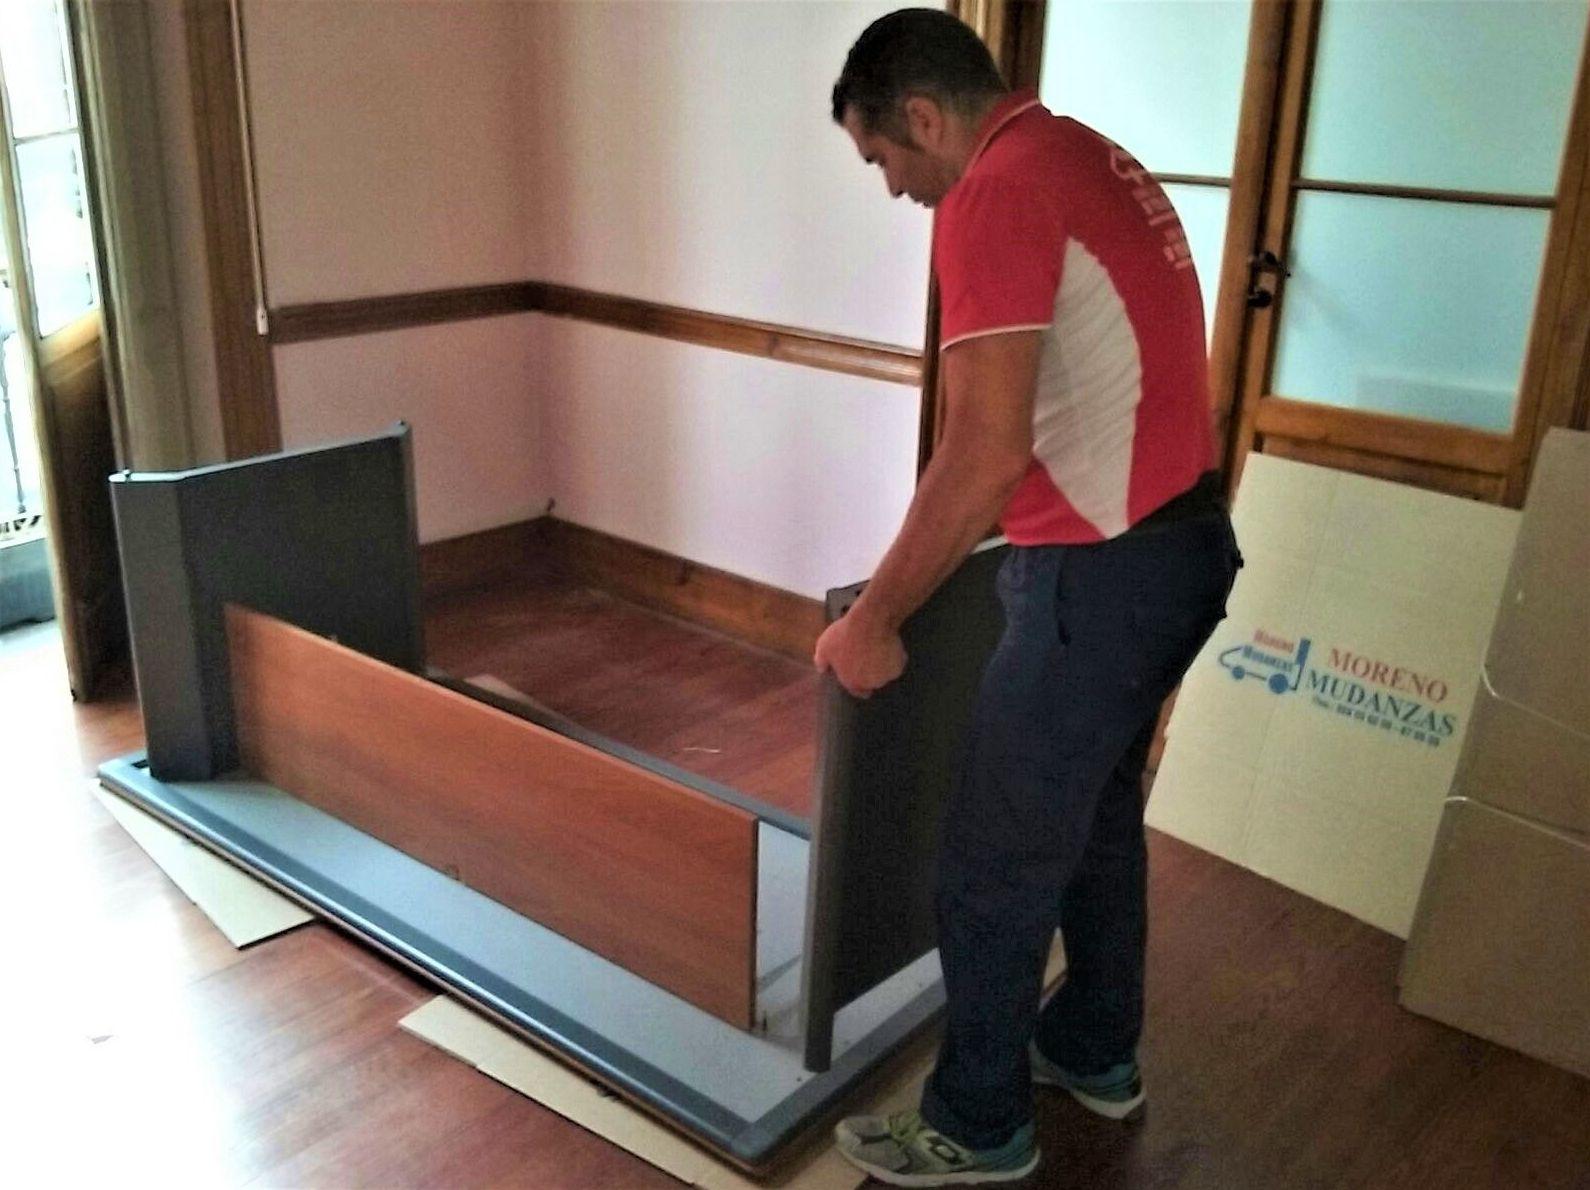 Desmontaje y montaje de muebles: Nuestros servicios de Mudanzas Moreno